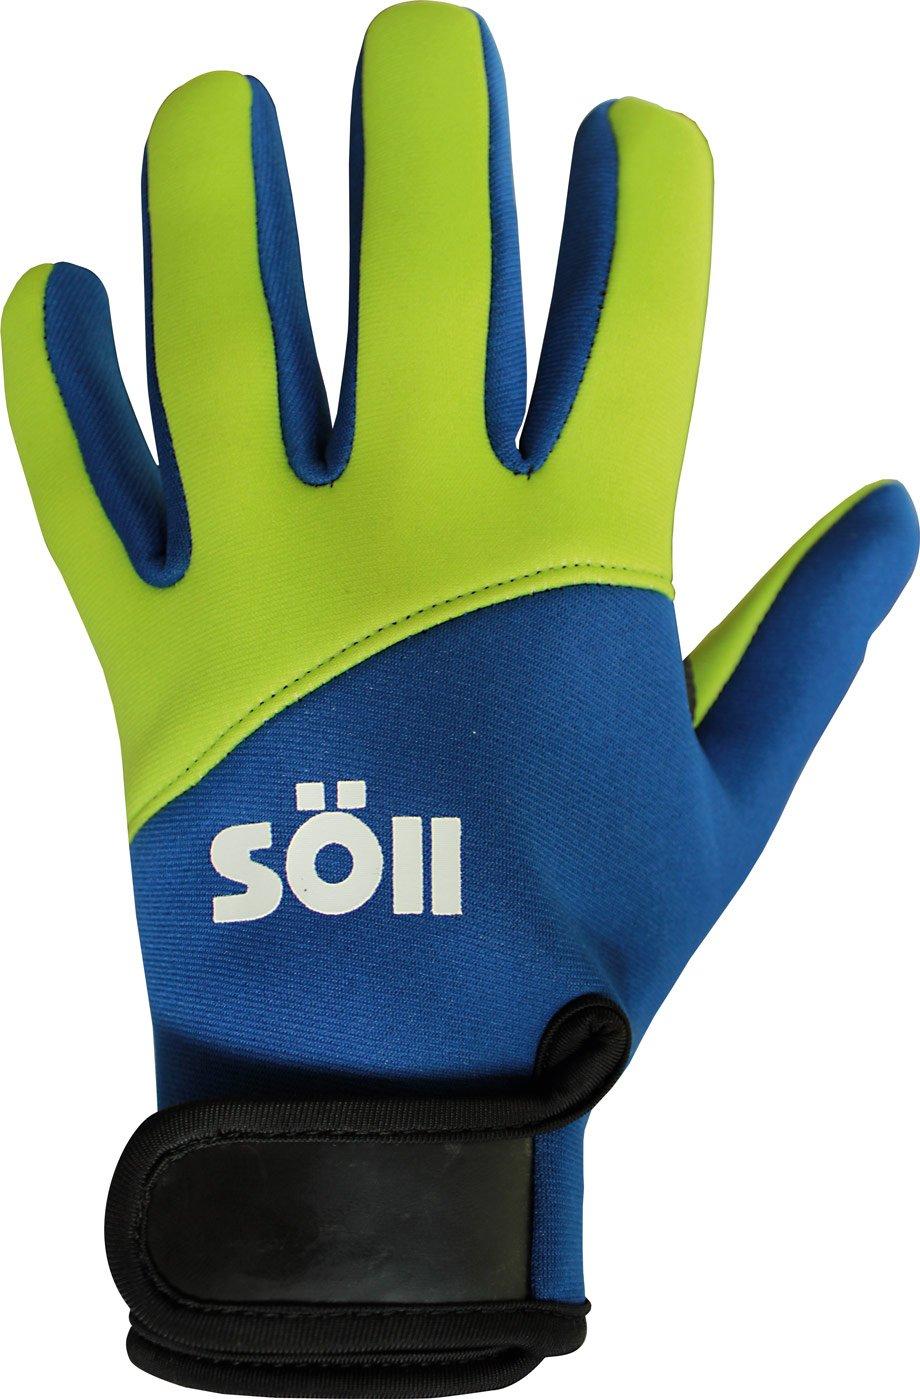 Sö ll 17318 Teich Handschuhe, 1x Grö ß e S Söll GmbH